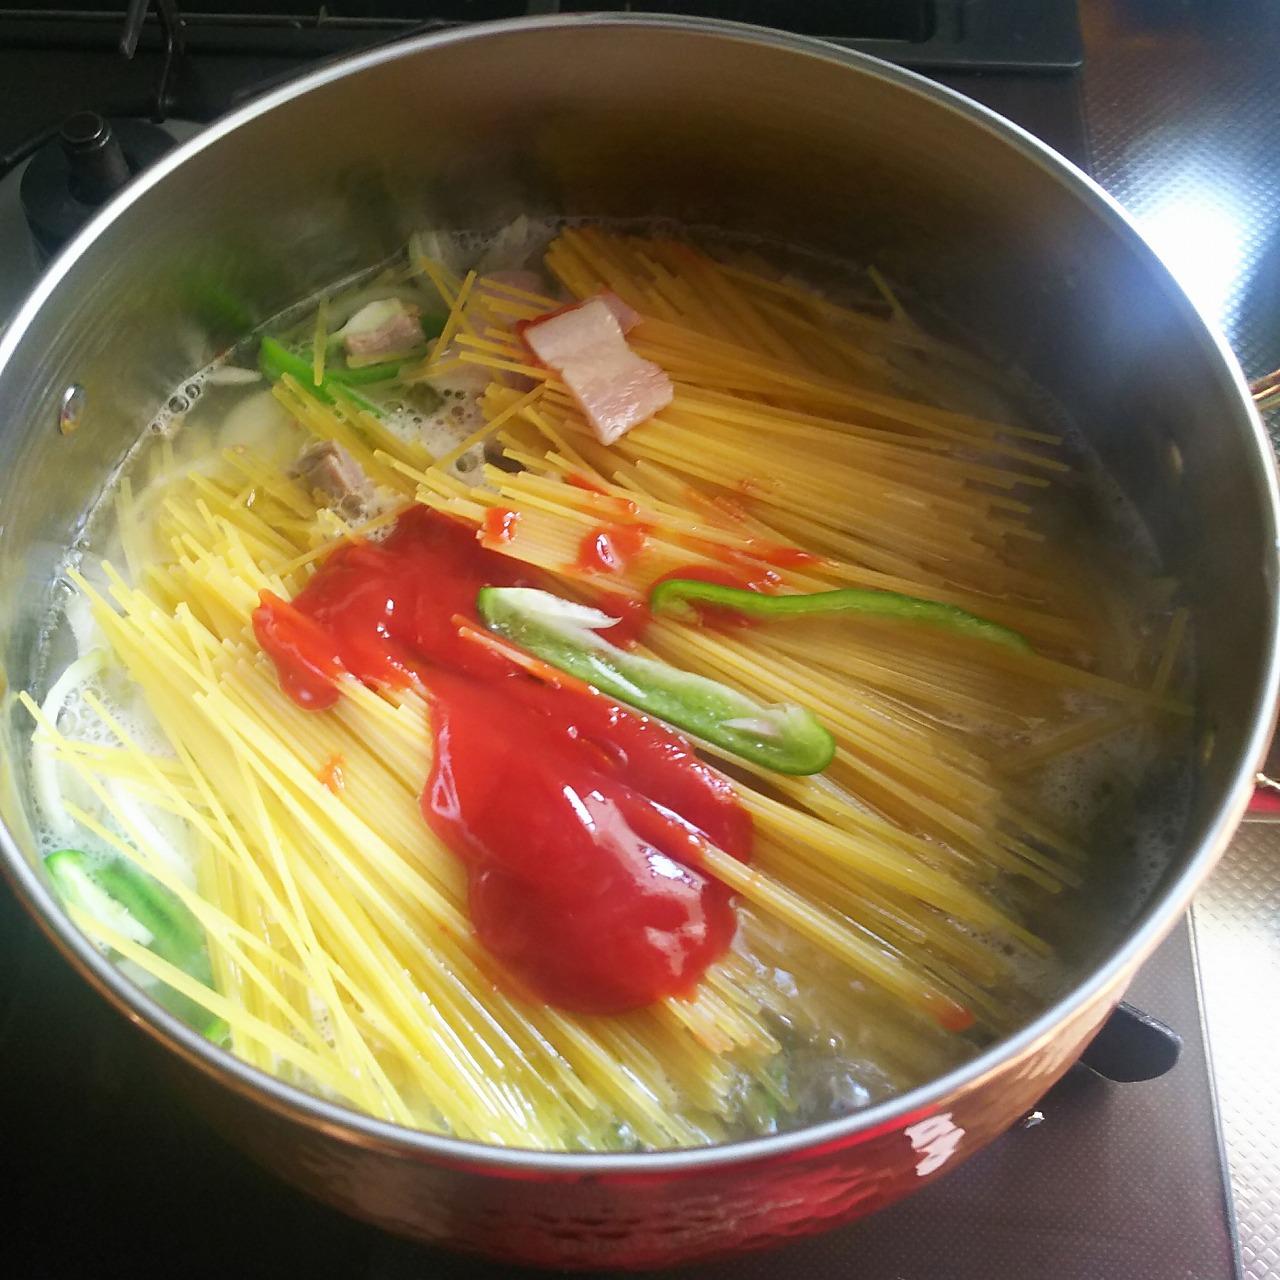 ナポリタンの材料をすべて入れた鍋